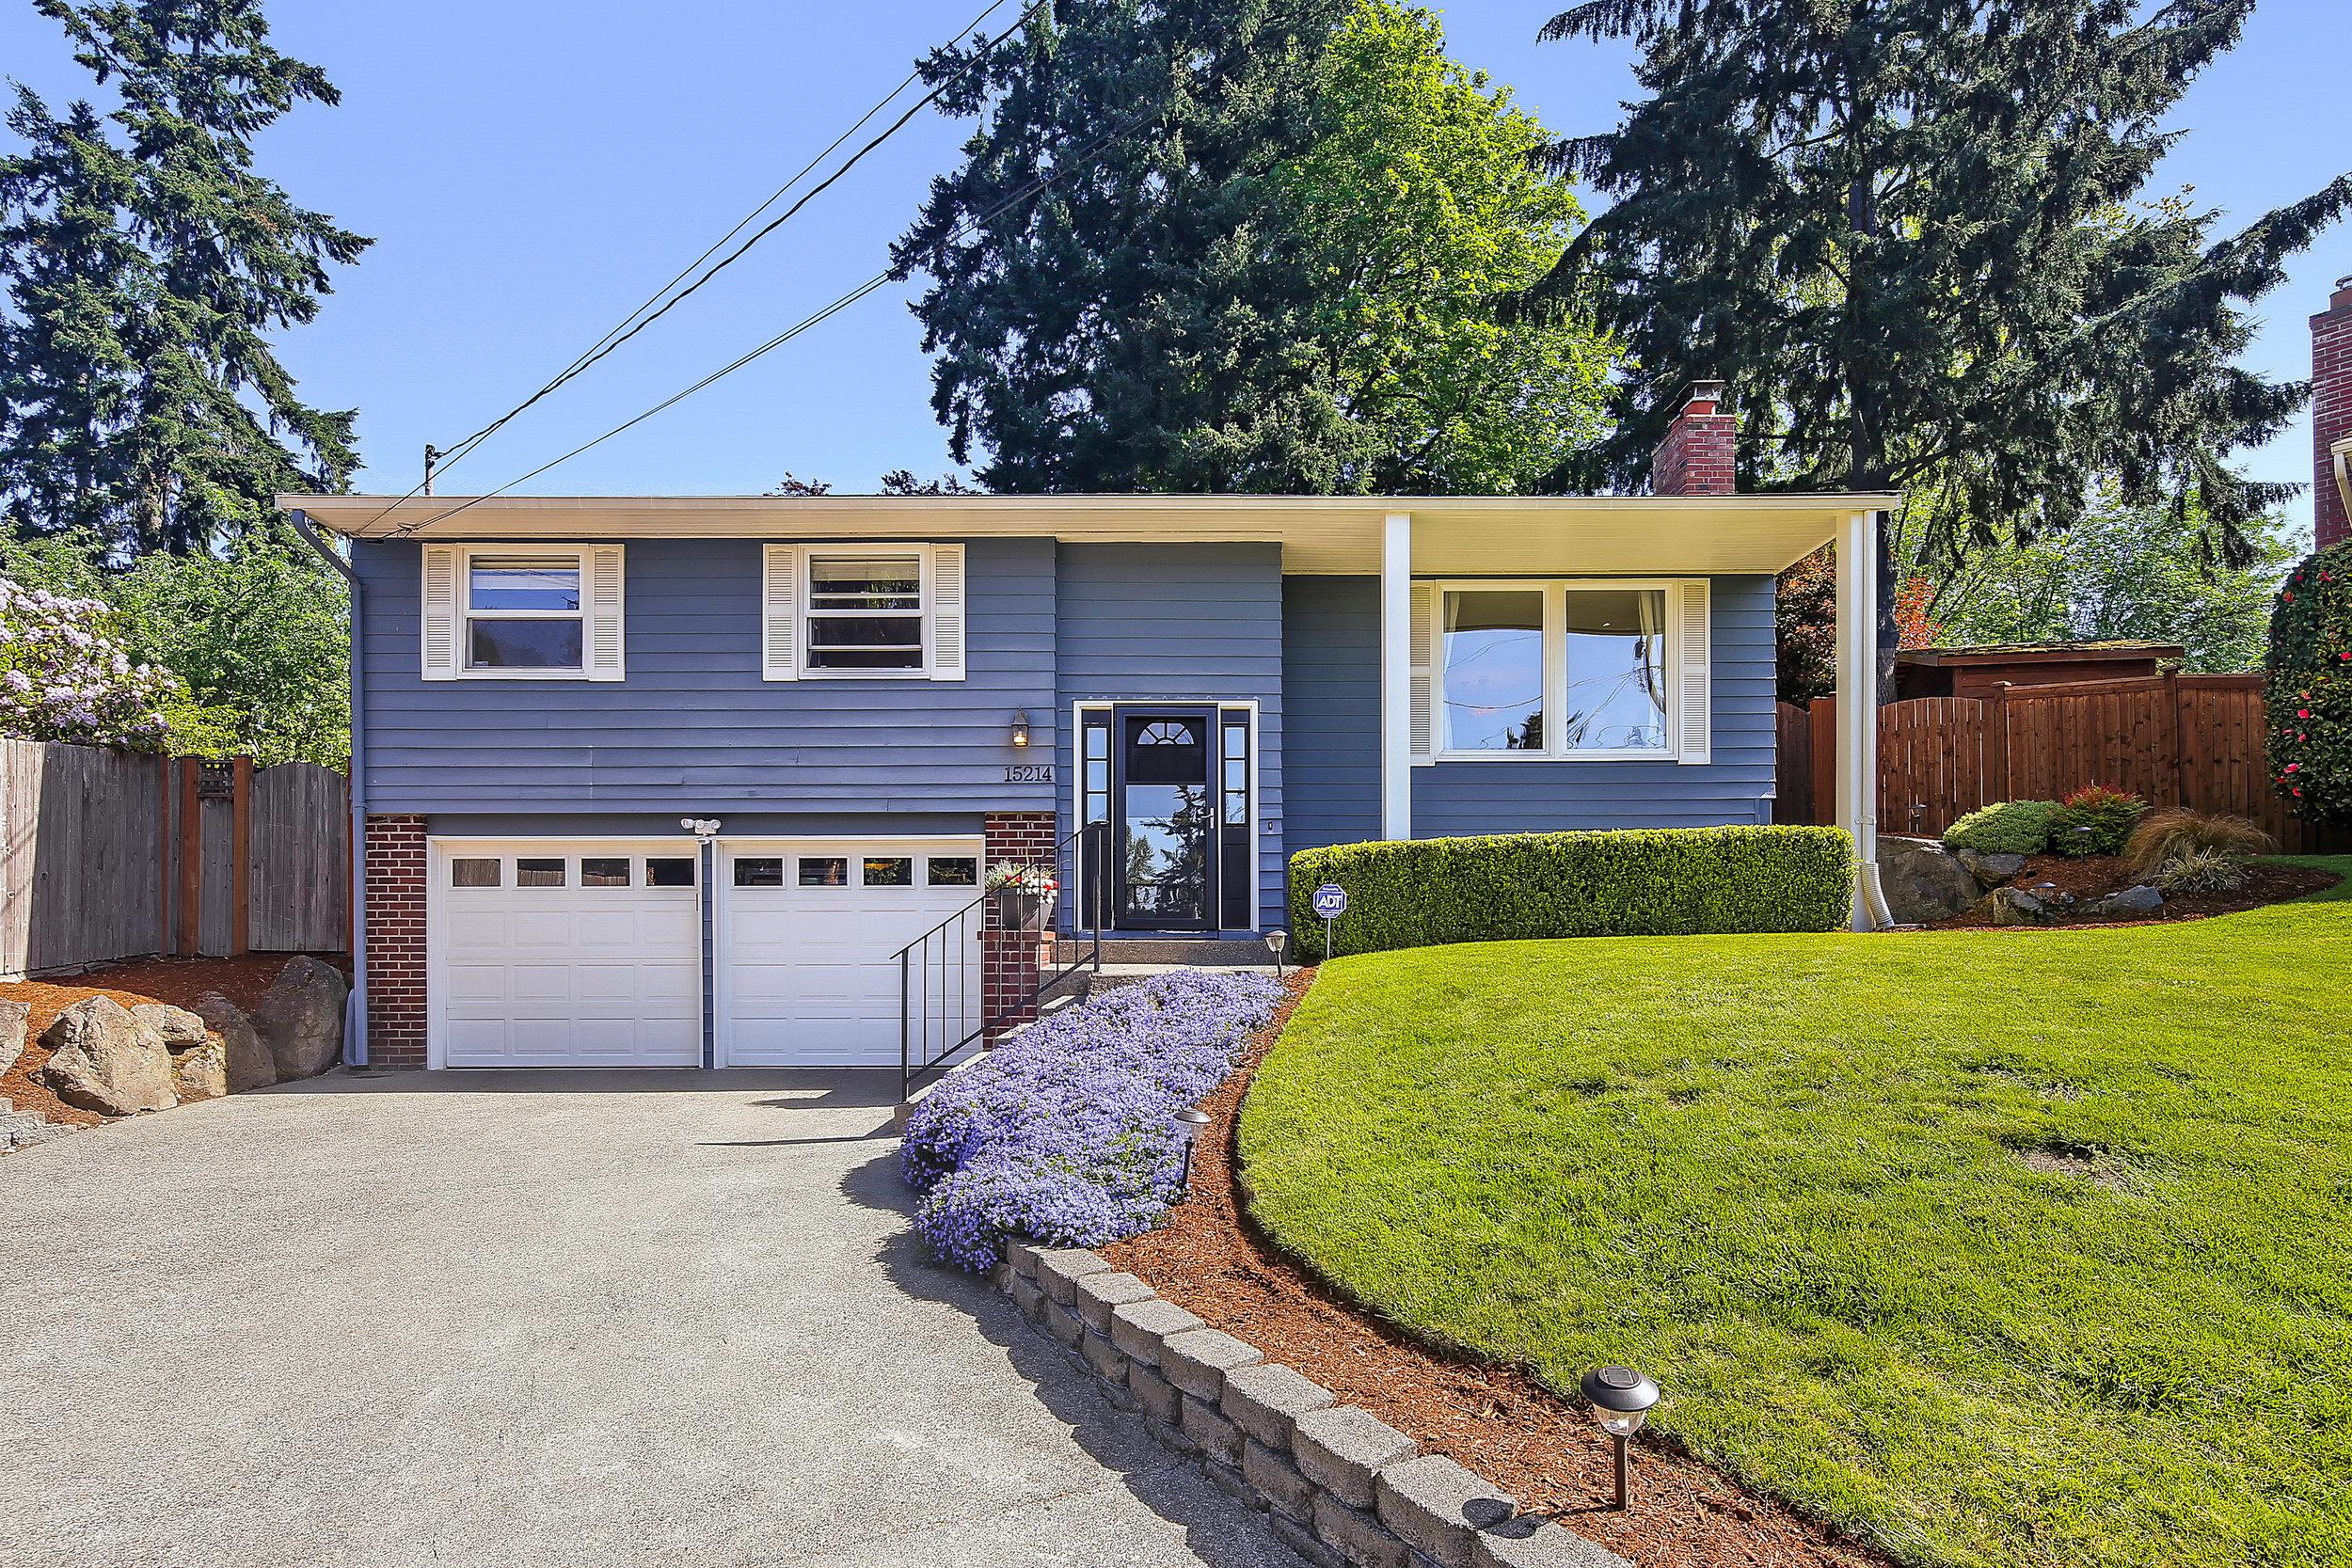 15214 SE 2nd Place · Bellevue · $815,000